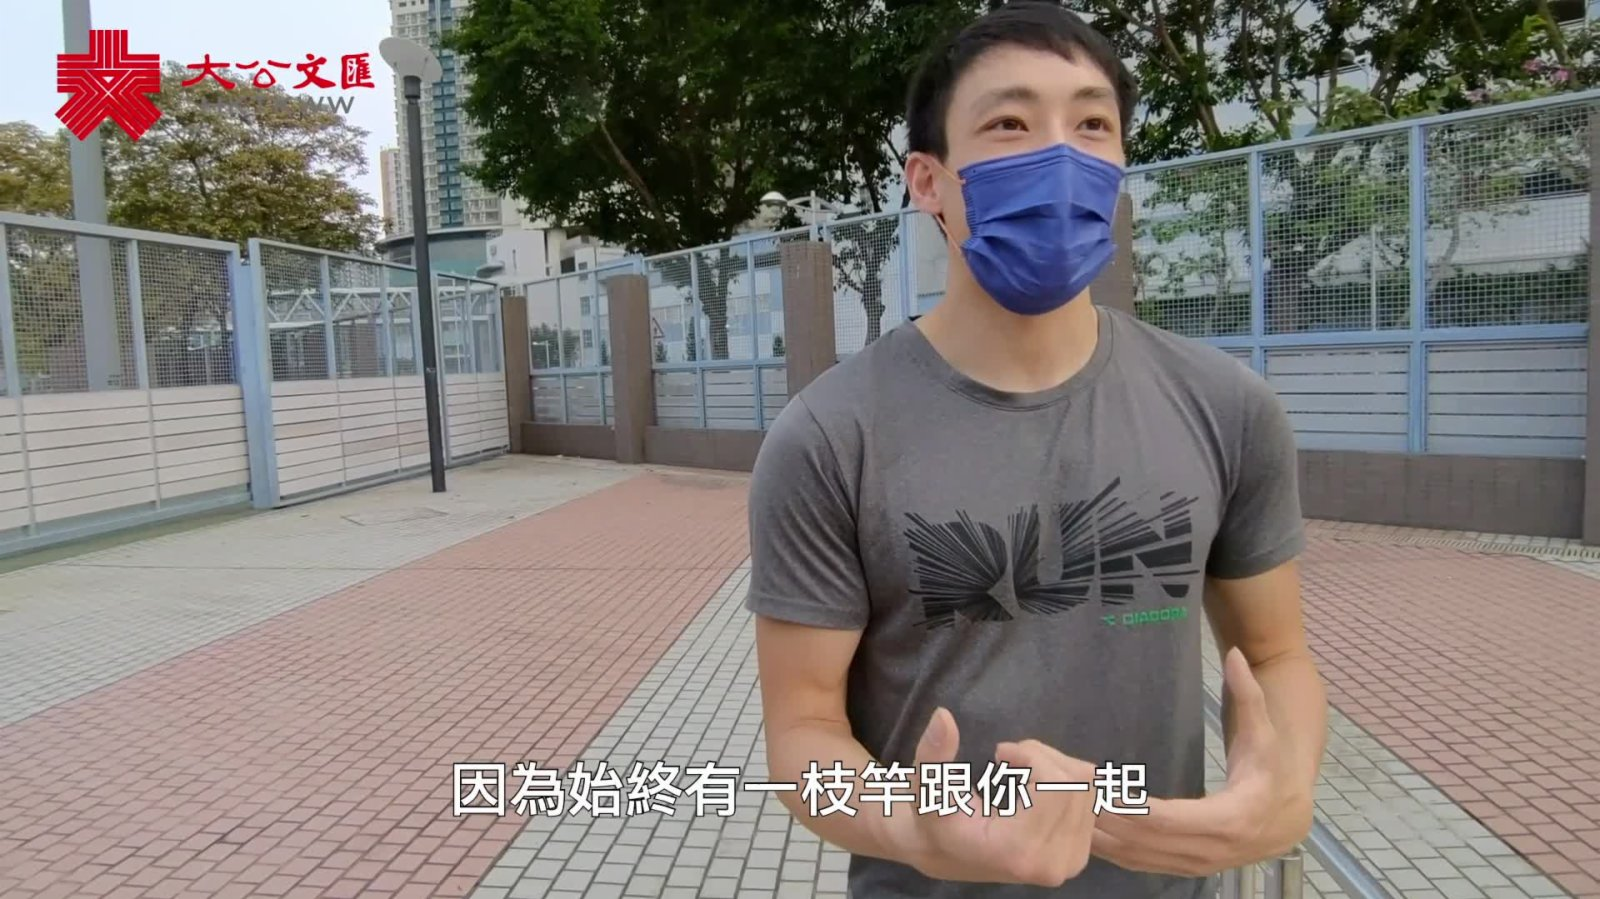 專訪「香港鳥人」張培賢:當目標很明確時 就算再困難都可以堅持下去